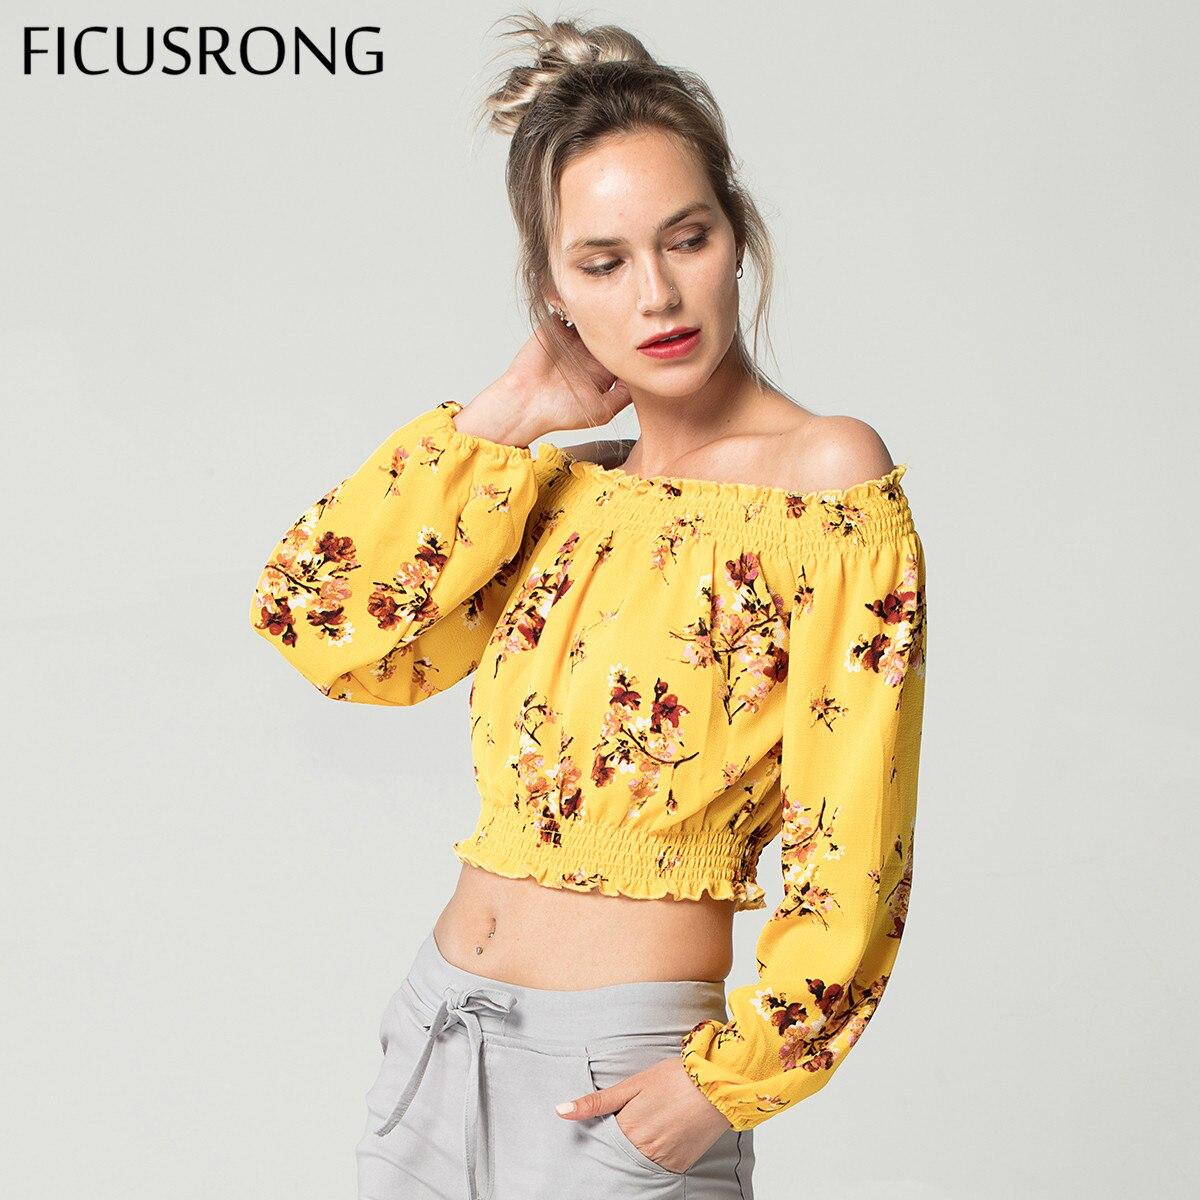 72ef5346b7b10f5 Модная женская летняя блузка Футболка с цветочным принтом желтая шифоновая  рубашка женские без бретелек сексуальные топы